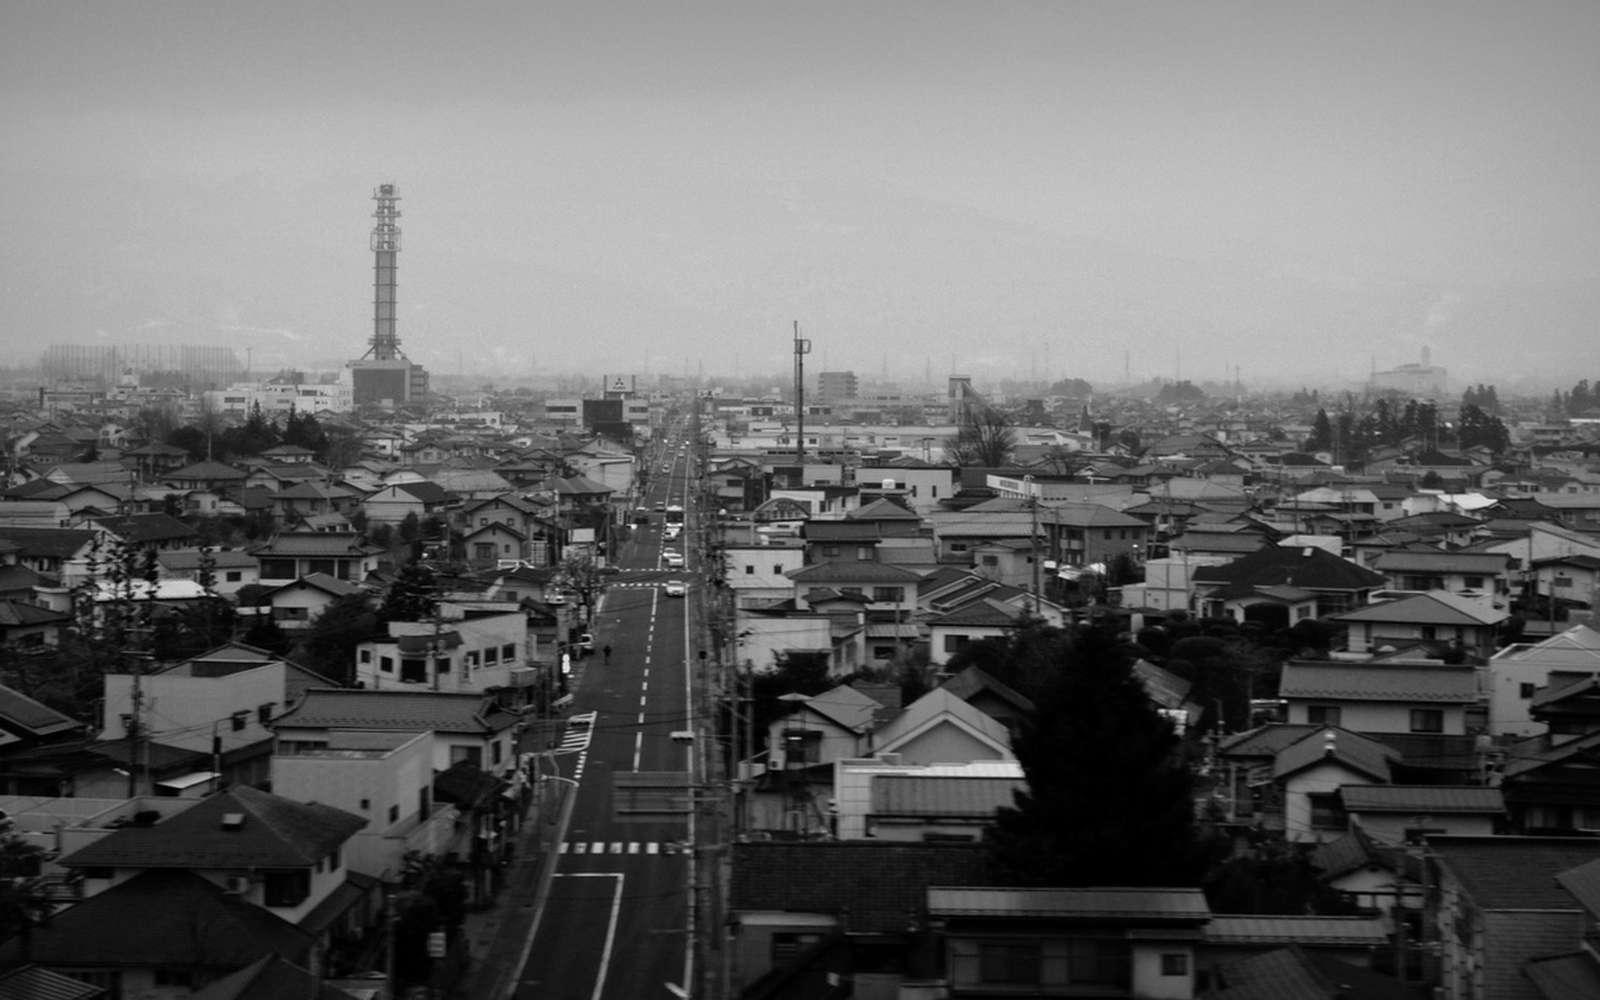 C'est le 11 mars 2011 que le drame a eu lieu : un séisme frappe le Japon et ébranle la centrale nucléaire de Fukushima Daiichi. La ville de Fukushima est depuis devenue tristement célèbre. Quelles sont les conséquences de cette catastrophe sur la santé de la population ? Les experts veillent… © jpellgen, Flickr, cc by nc nd 2.0